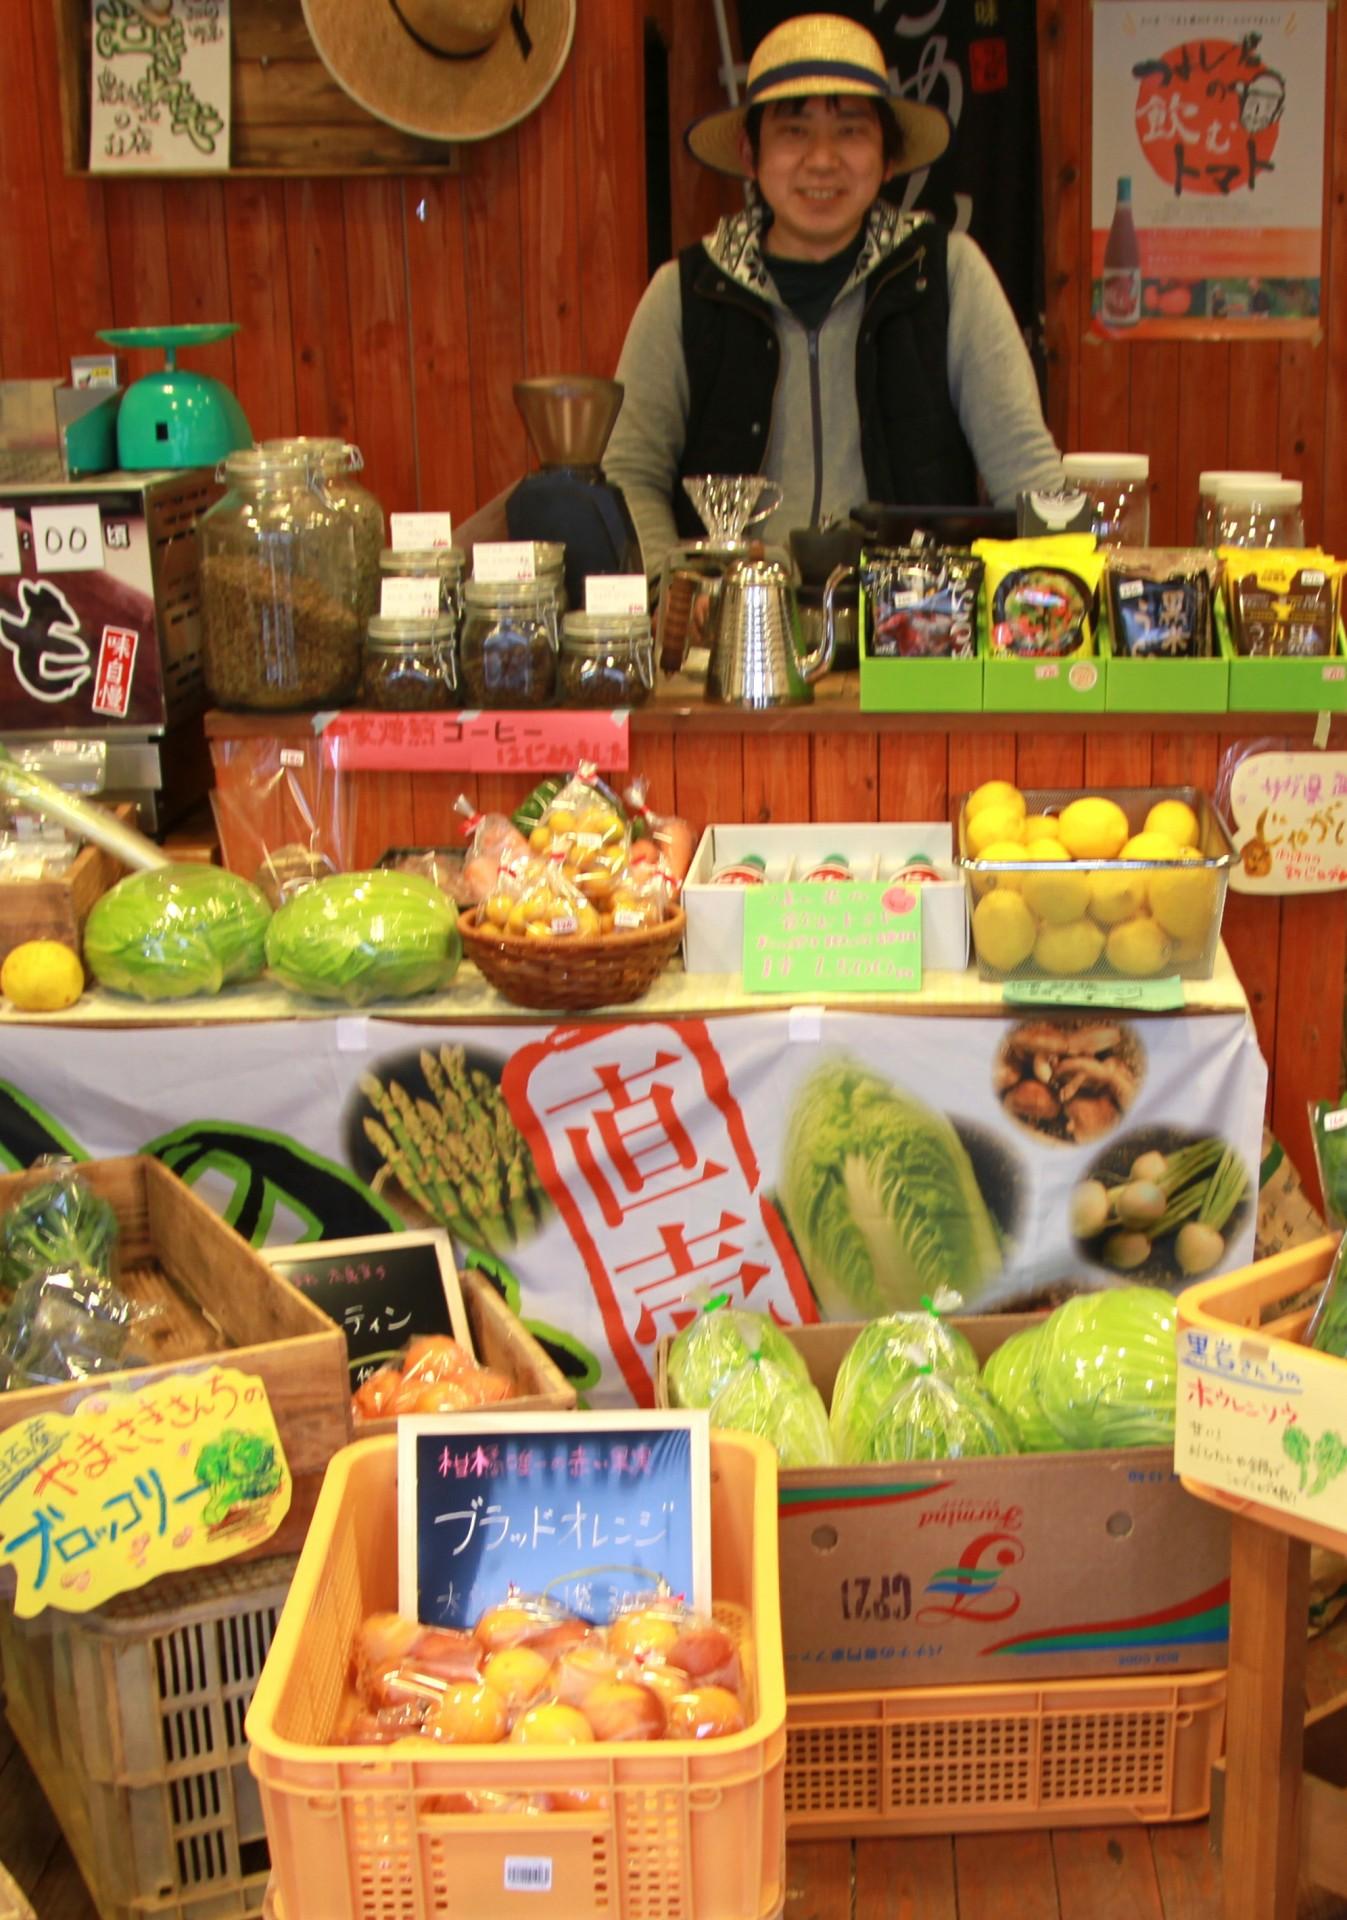 新鮮な野菜やくだものが並ぶ店内